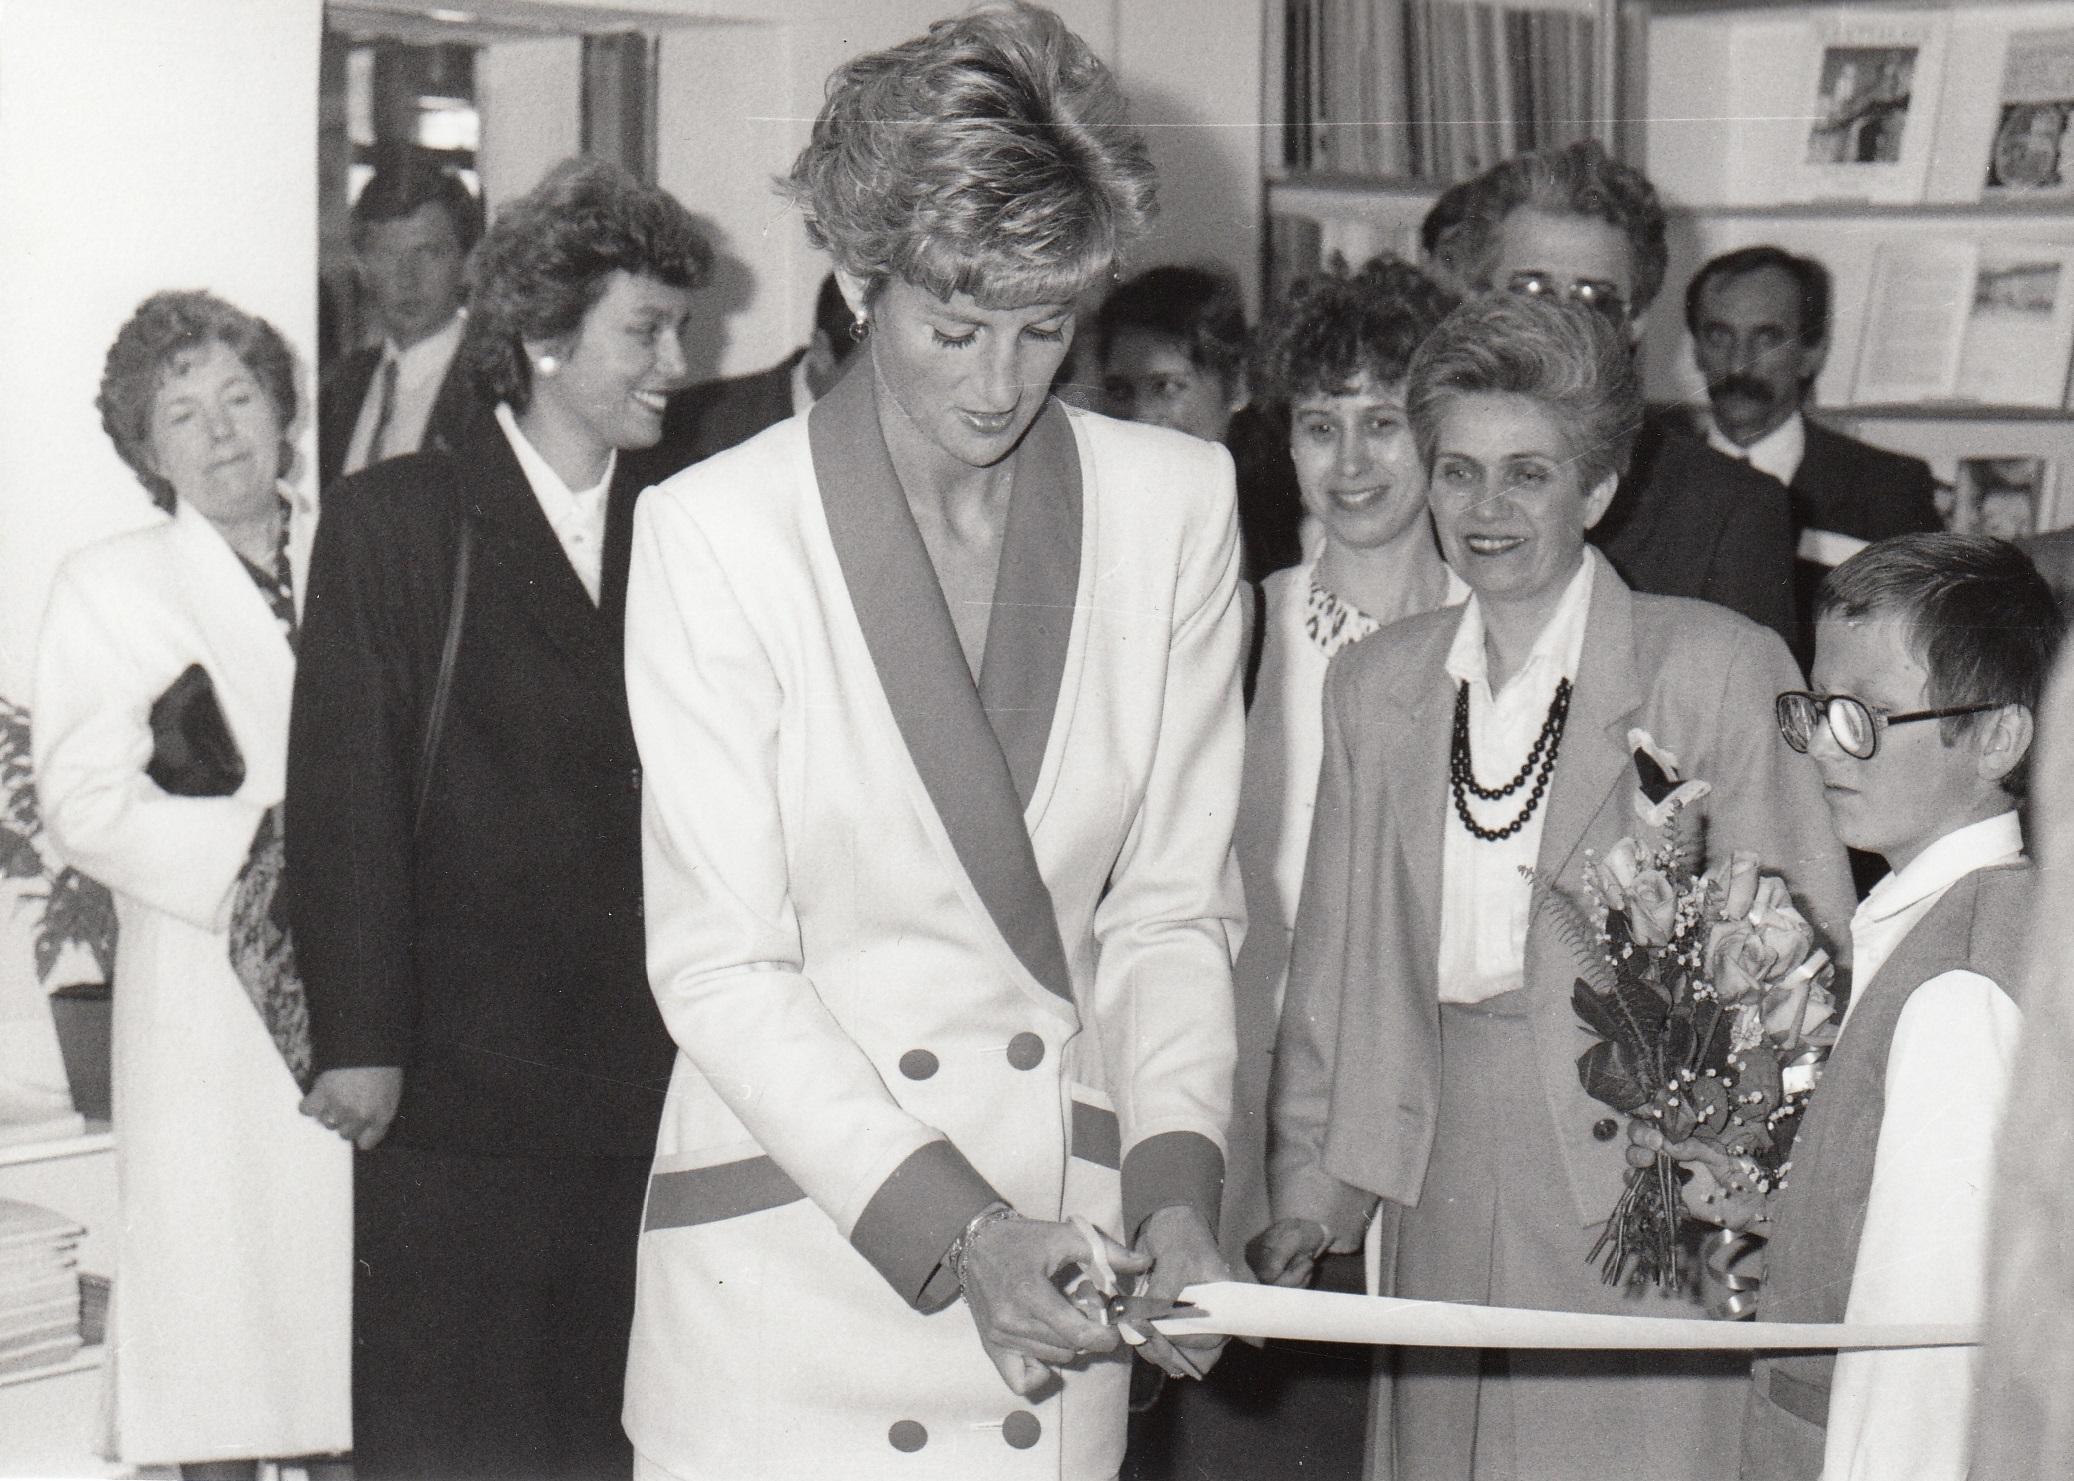 Princezná Diana vo svetlom kostýme prestriháva pásku.